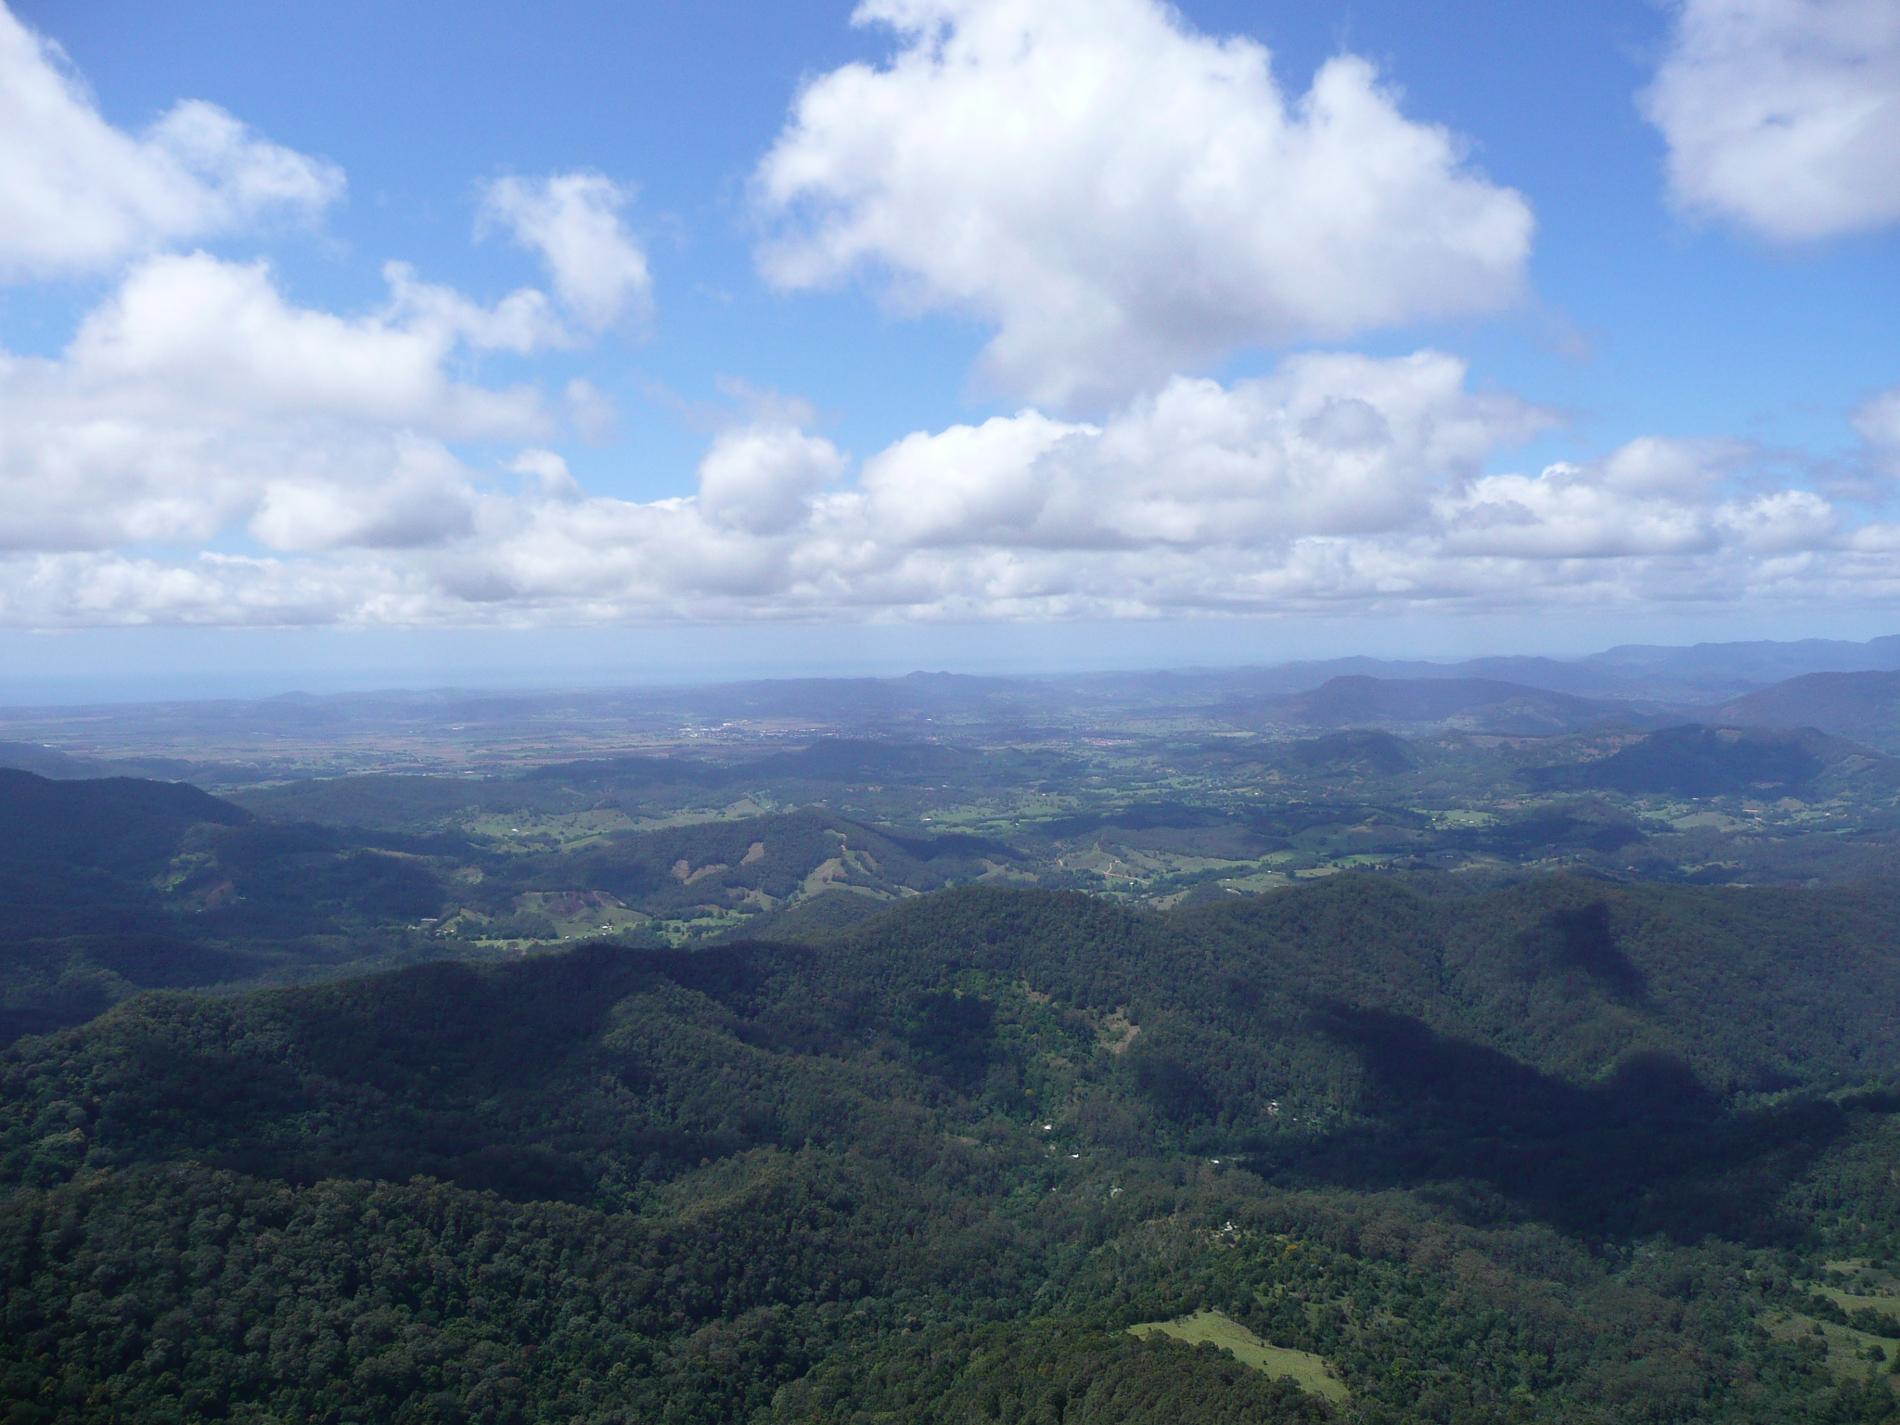 オーストラリア ゴールドコーストで観光ツアーならお任せください。